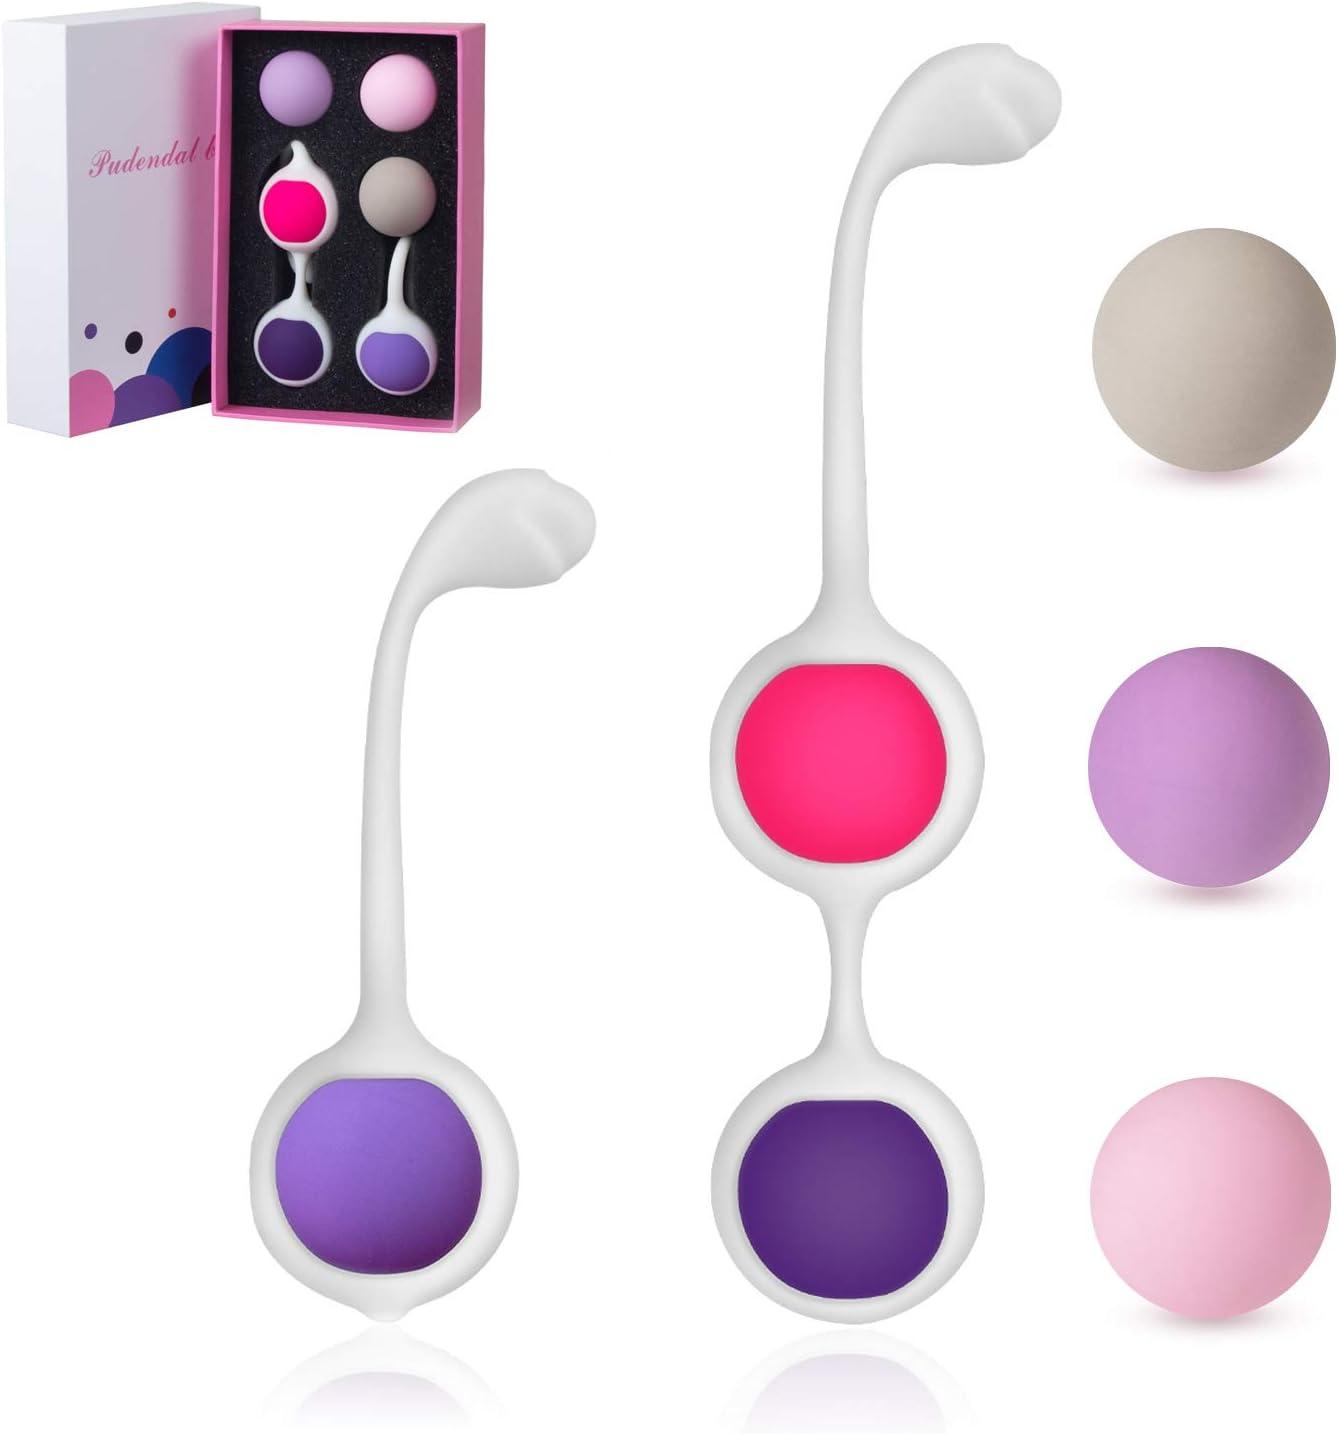 Bolas Chinas - Pesas para Ejercicios Kegel - Perfecto para reafirmar el músculo pélvico y para la prevención de incontinencia - Silicona Médica